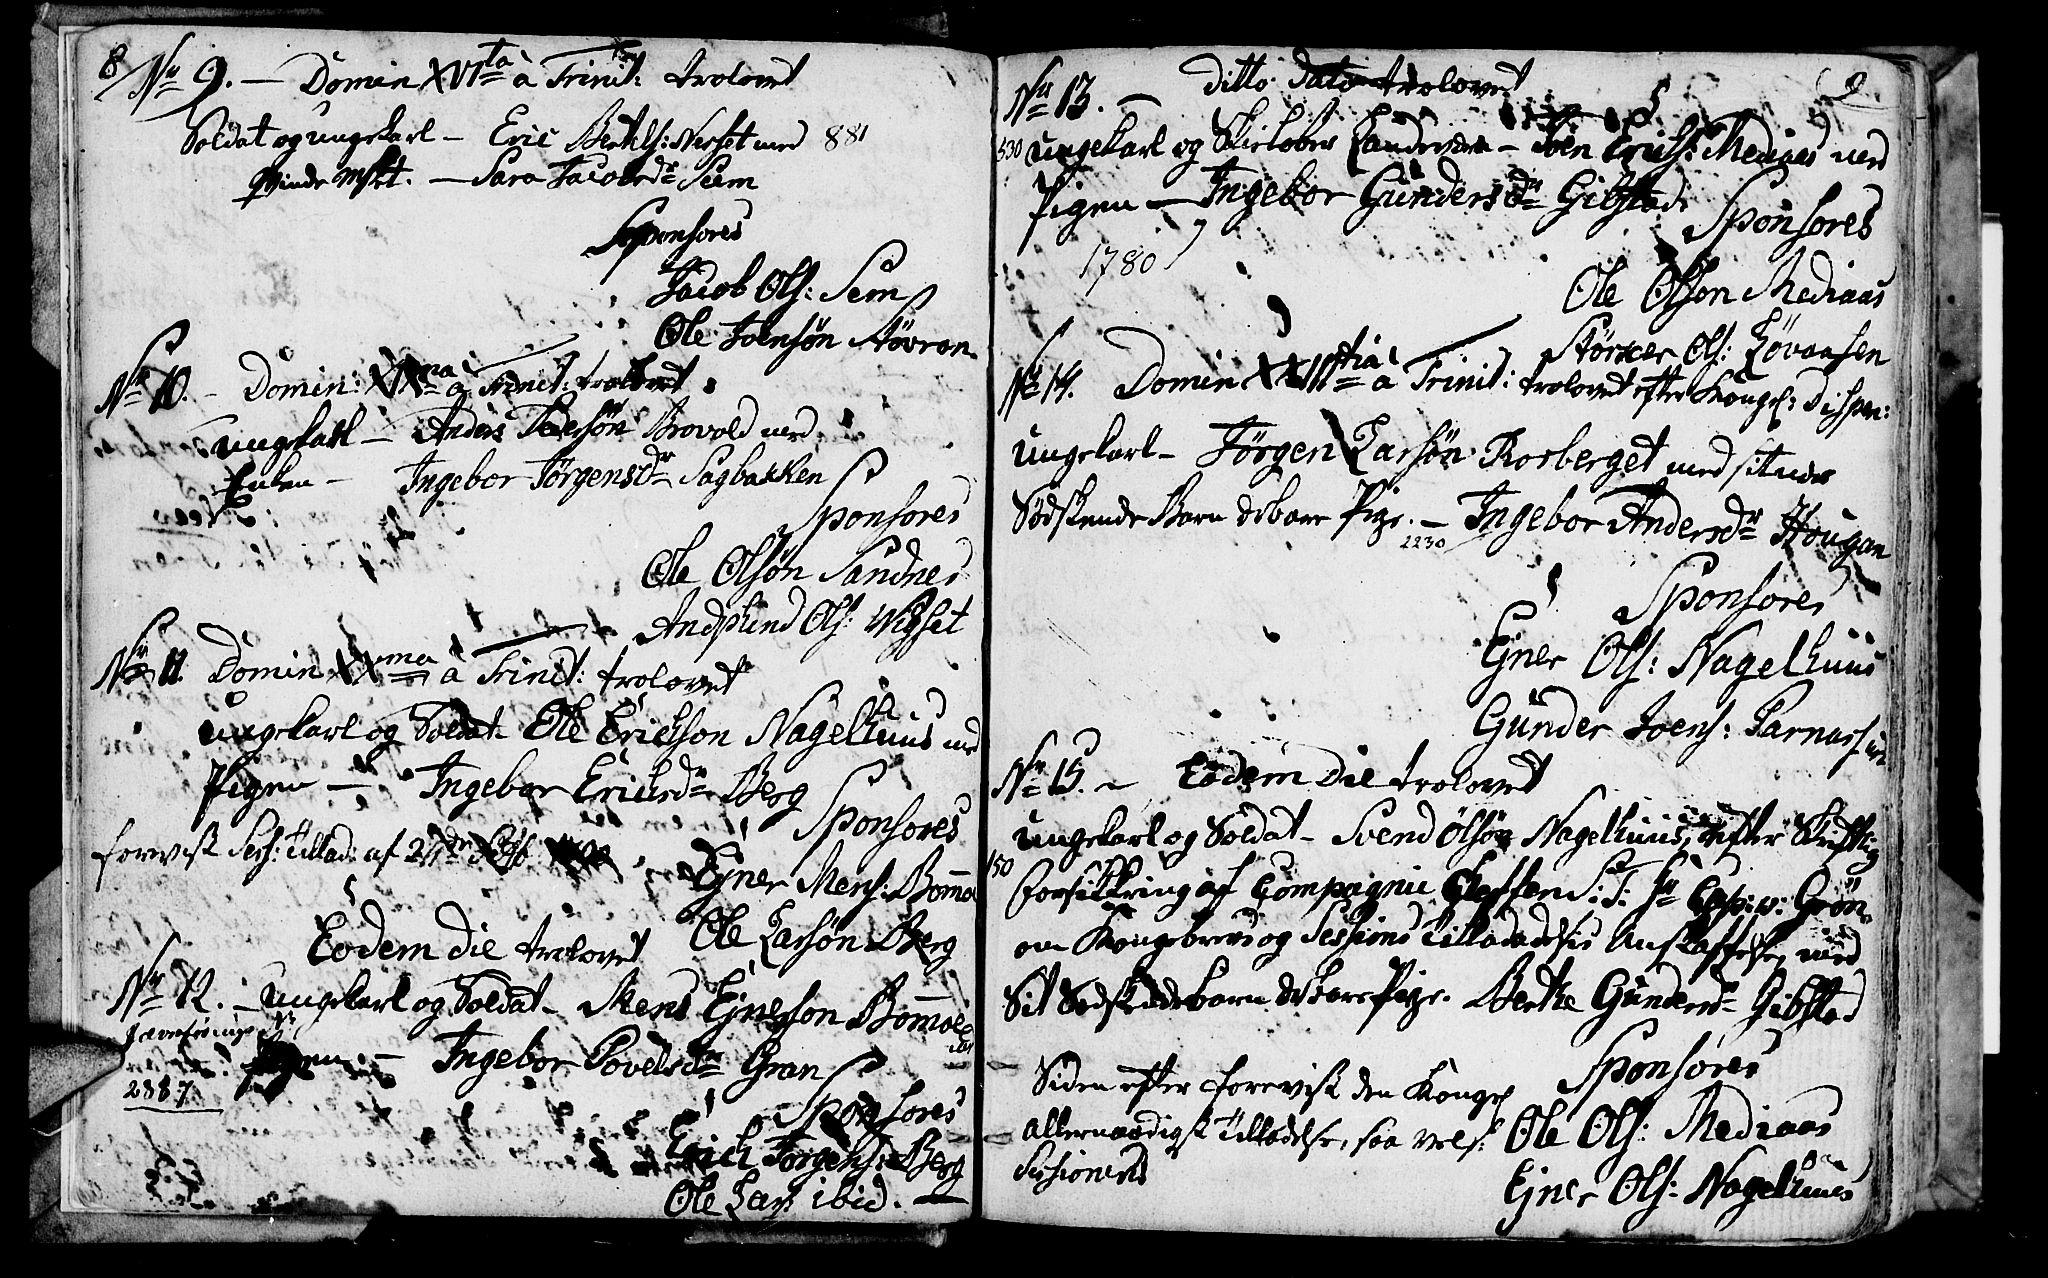 SAT, Ministerialprotokoller, klokkerbøker og fødselsregistre - Nord-Trøndelag, 749/L0468: Ministerialbok nr. 749A02, 1787-1817, s. 8-9